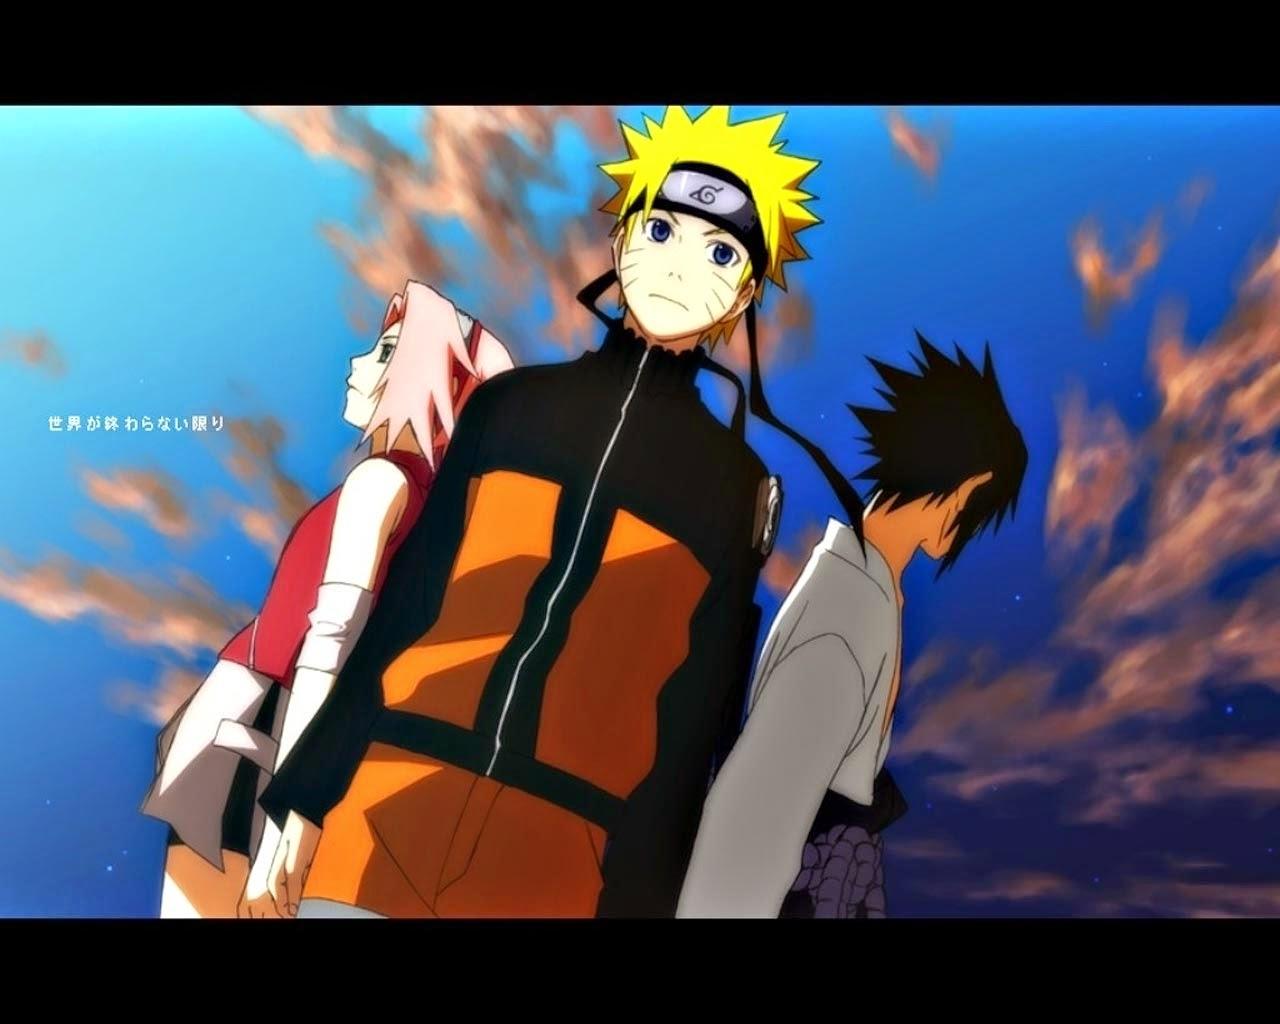 Naruto Anime Live Wallpaper Hd - Sasuke Sakura And Naruto - HD Wallpaper